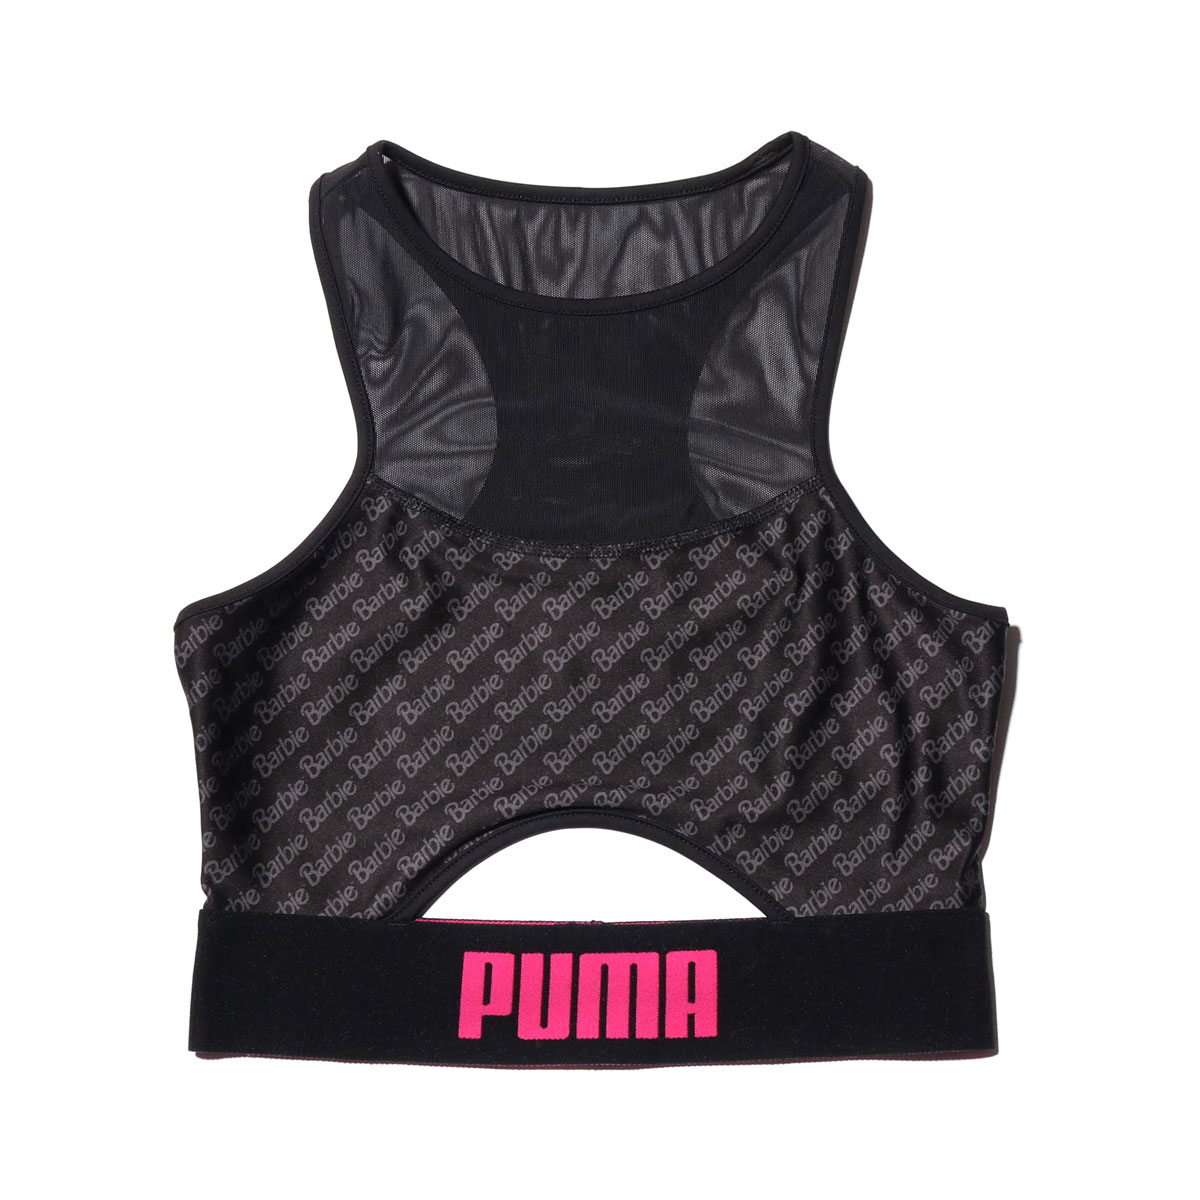 99b69ad14b6 Kinetics: PUMA X BARBIE CROPTOP (the Puma X Barbie crop top) (BLACK ...